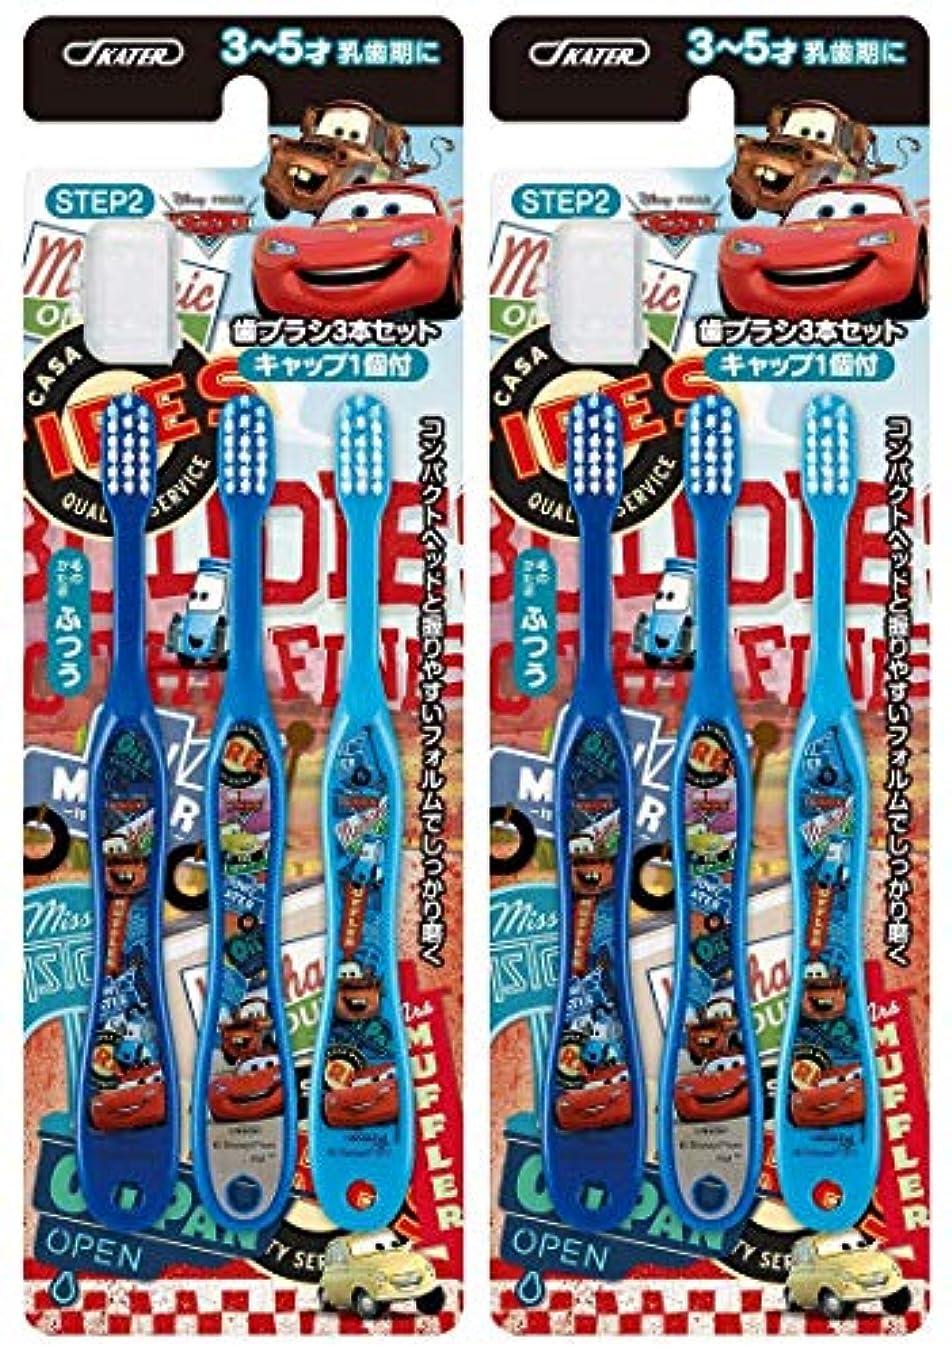 トロイの木馬マイクロプロセッサ保守可能スケーター 歯ブラシ 園児用 3-5才 普通 6本セット (3本セット×2個) カーズ 14cm TB5T